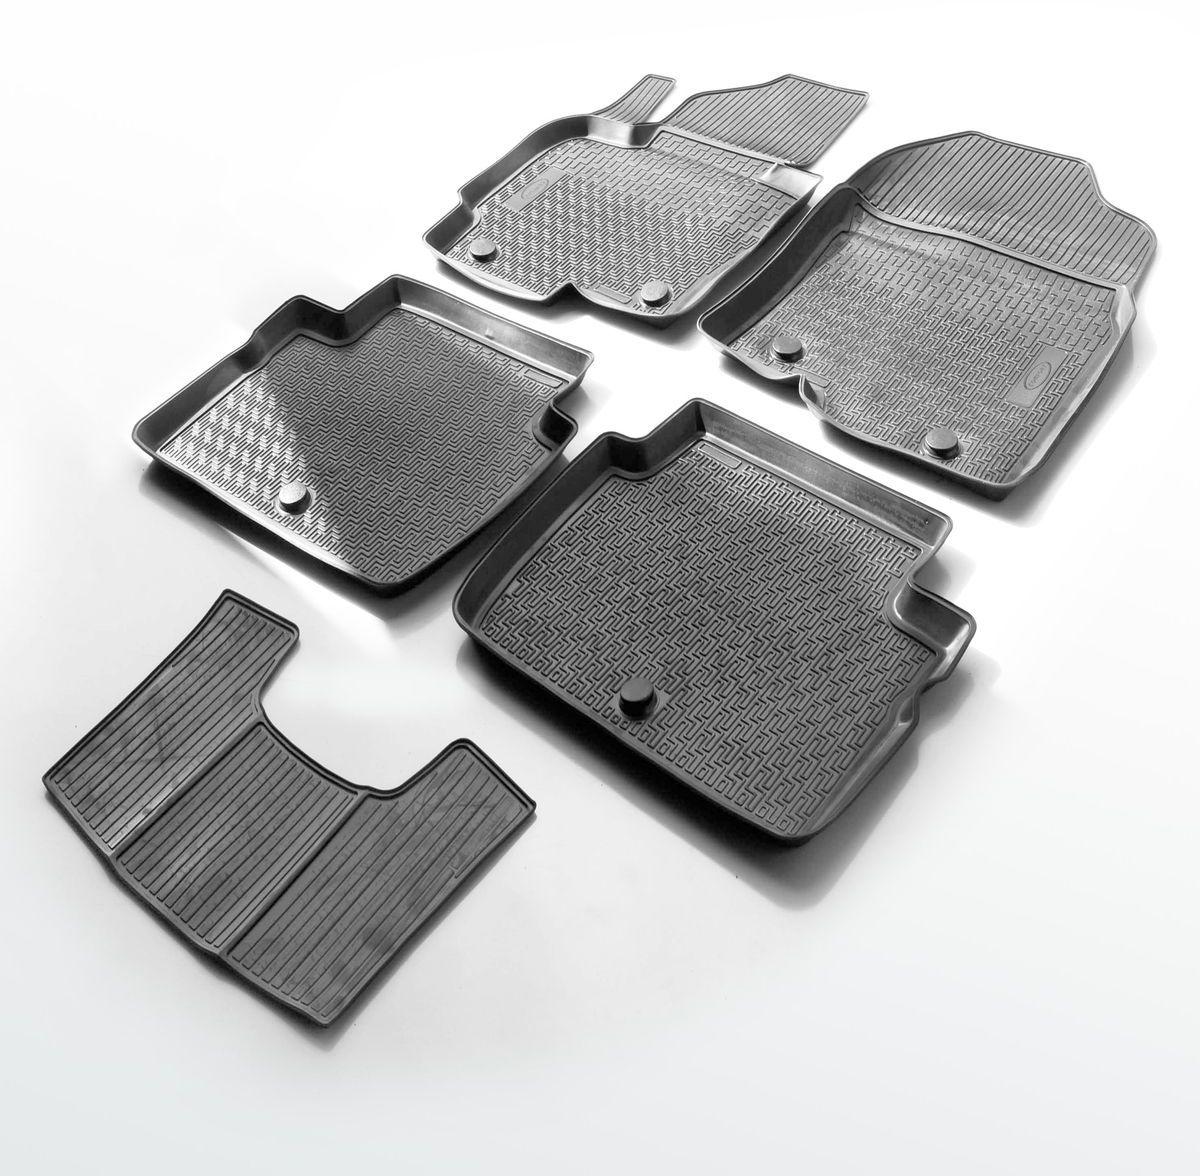 Ковры салона Rival для Ford Mondeo 2015-, 4 шт + перемычка0011802001Автомобильные ковры салона Rival Прочные и долговечные ковры в салон автомобиля, изготовлены из высококачественного и экологичного сырья, полностью повторяют геометрию салона вашего автомобиля. - Надежная система крепления, позволяющая закрепить коврик на штатные элементы фиксации, в результате чего отсутствует эффект скольжения по салону автомобиля. - Высокая стойкость поверхности к стиранию. - Специализированный рисунок и высокий борт, препятствующие распространению грязи и жидкости по поверхности ковра. - Перемычка задних ковров в комплекте предотвращает загрязнение тоннеля карданного вала. - Произведены из первичных материалов, в результате чего отсутствует неприятный запах в салоне автомобиля. - Высокая эластичность, можно беспрепятственно эксплуатировать при температуре от -45 ?C до +45 ?C.